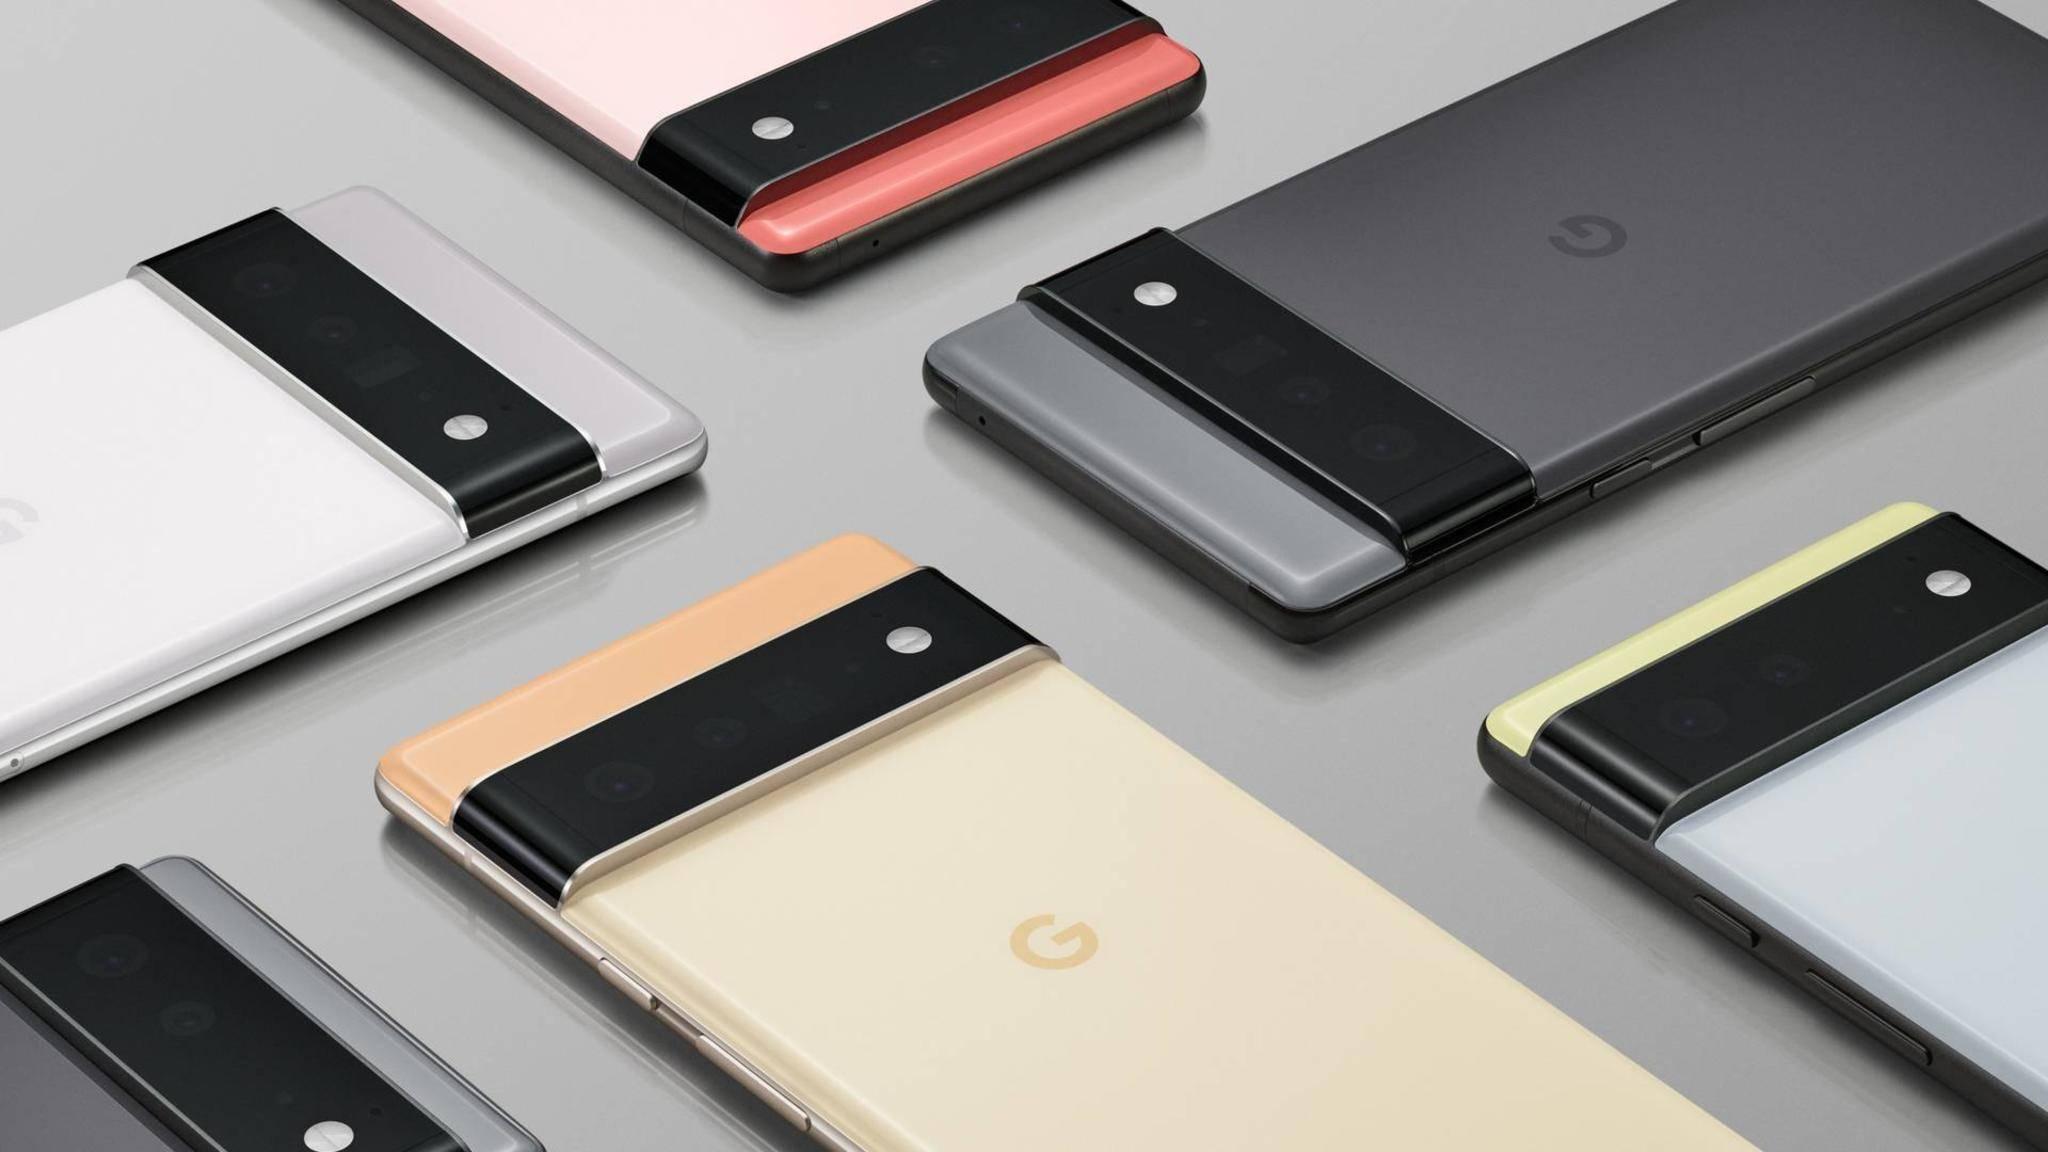 Das Pixel 6 wird es anscheinend auch im Abo mit Google-Diensten geben.